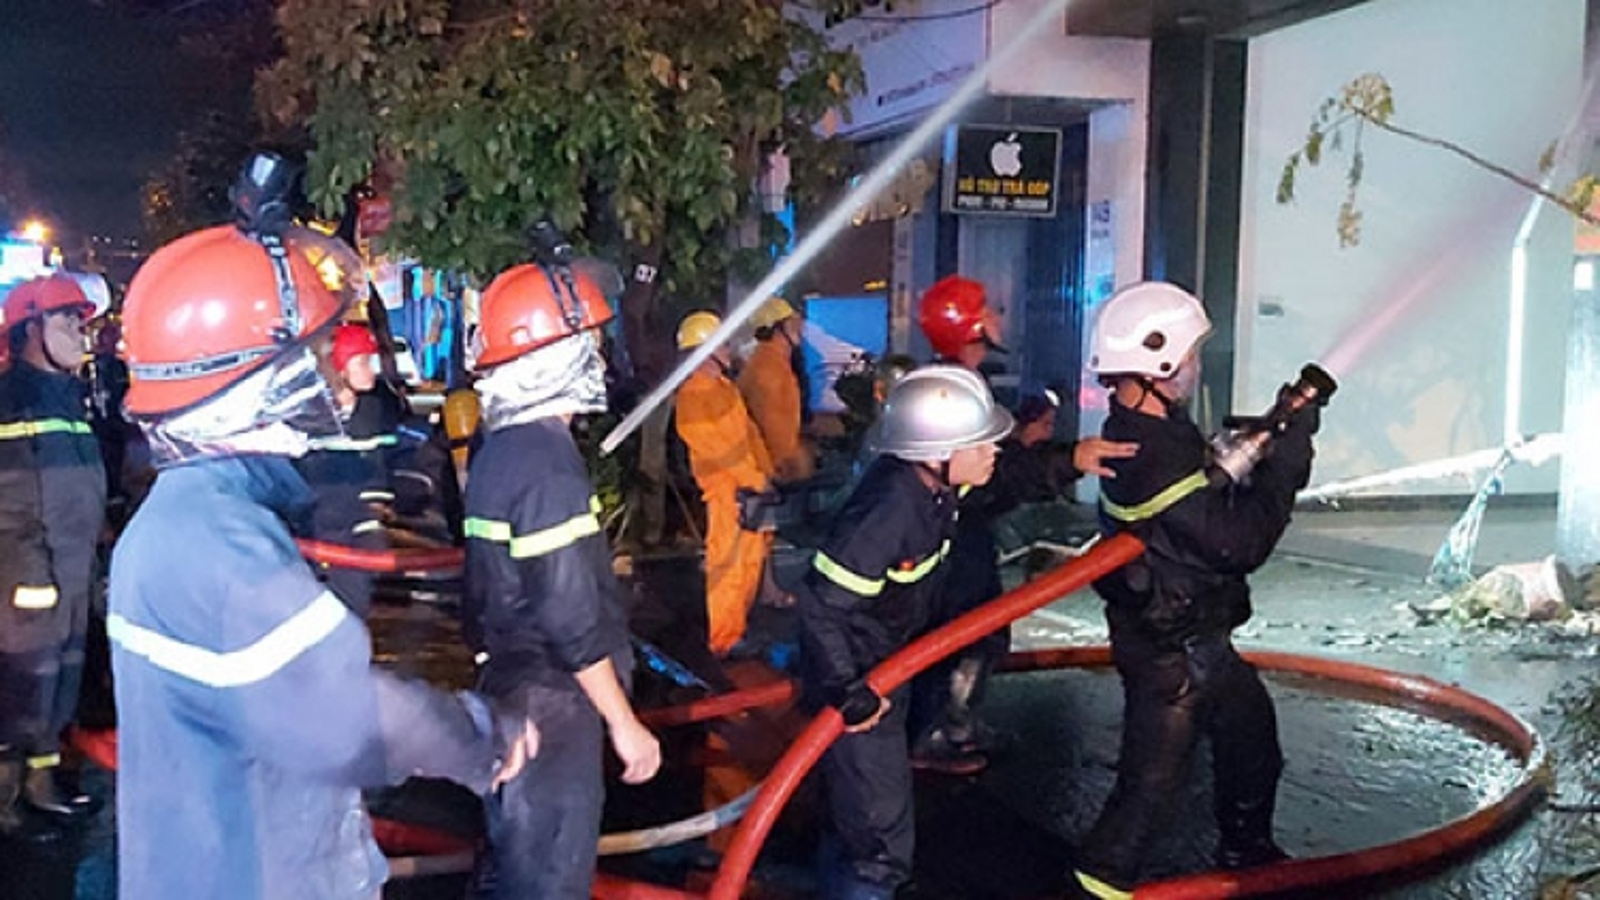 Hỏa hoạn ở ngôi nhà 2 lần cháy trong đêm tại Đà Nẵng